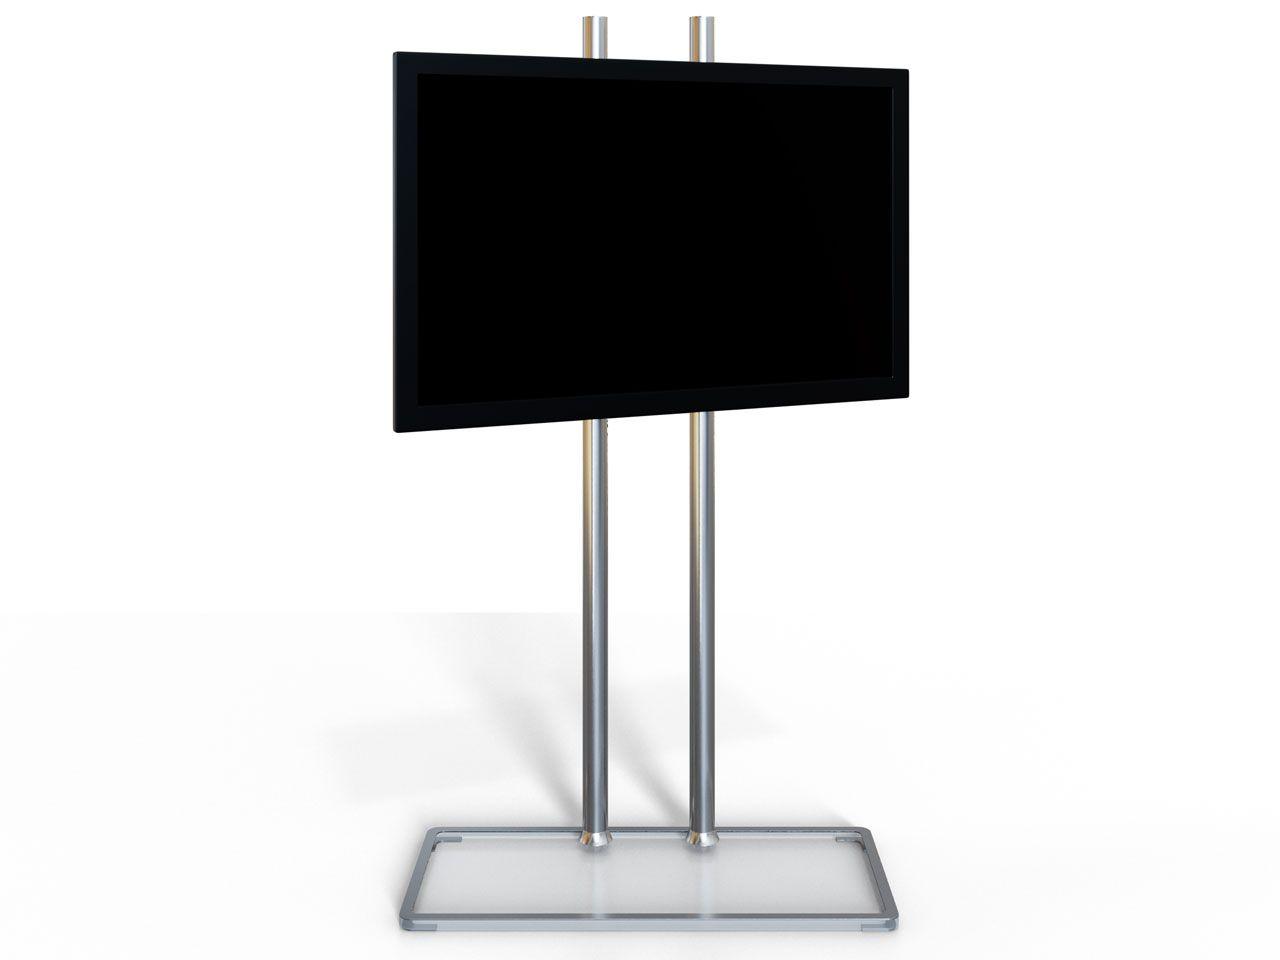 Fernsehstander Mit Standfuss Aus Acrylglas Cmb Clear 278 Standfuss Acrylglas Glas